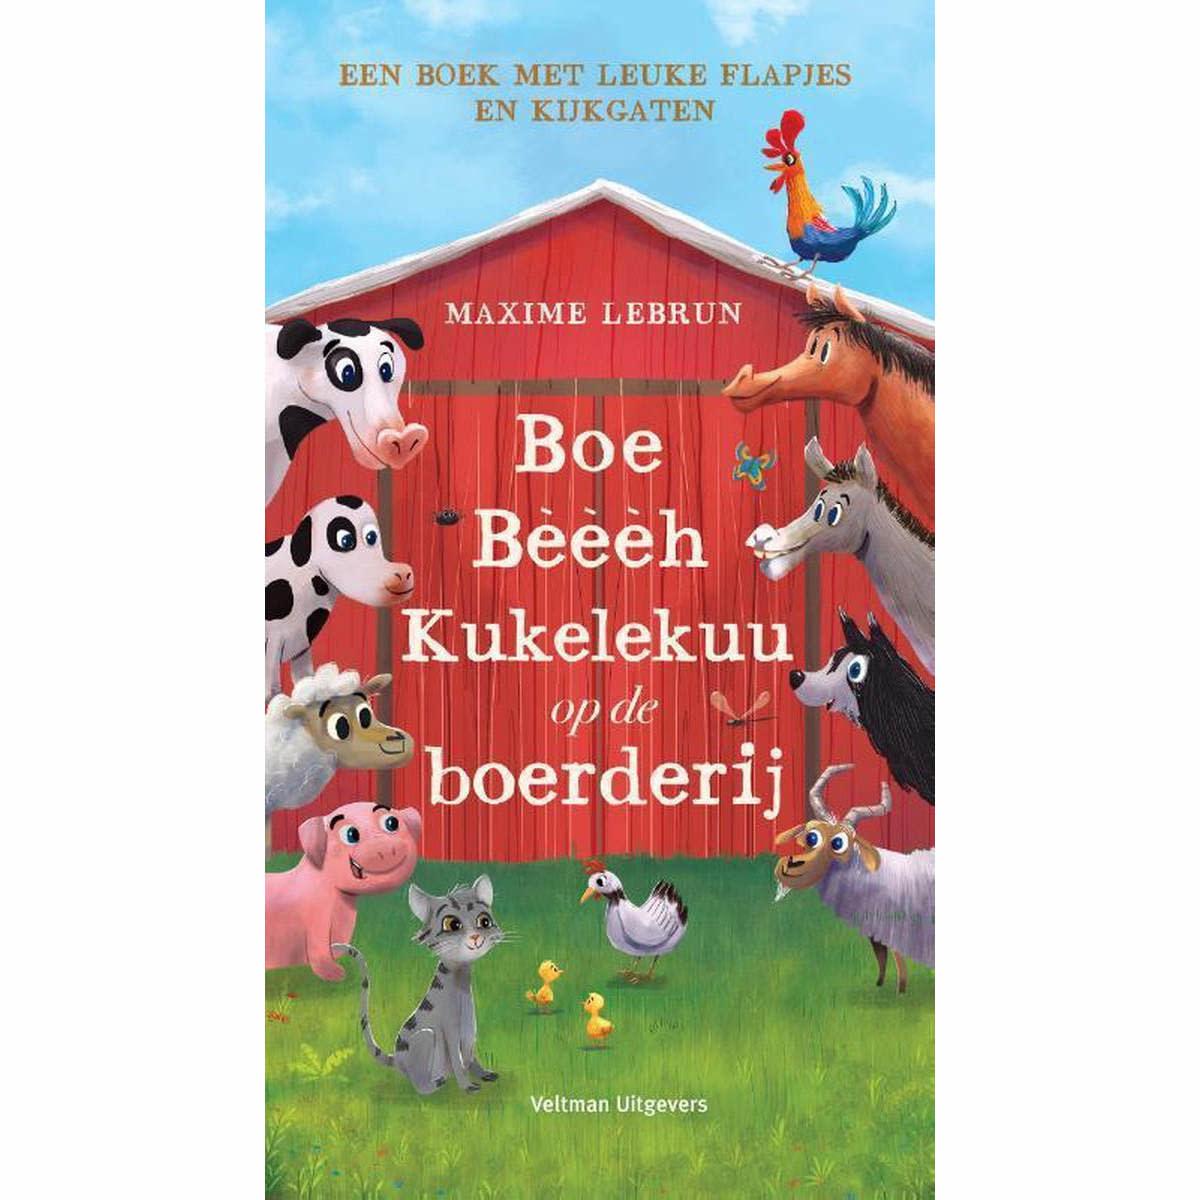 Veltman Uitgevers Boe, Bèèèh, Kukelekuu op de boerderij